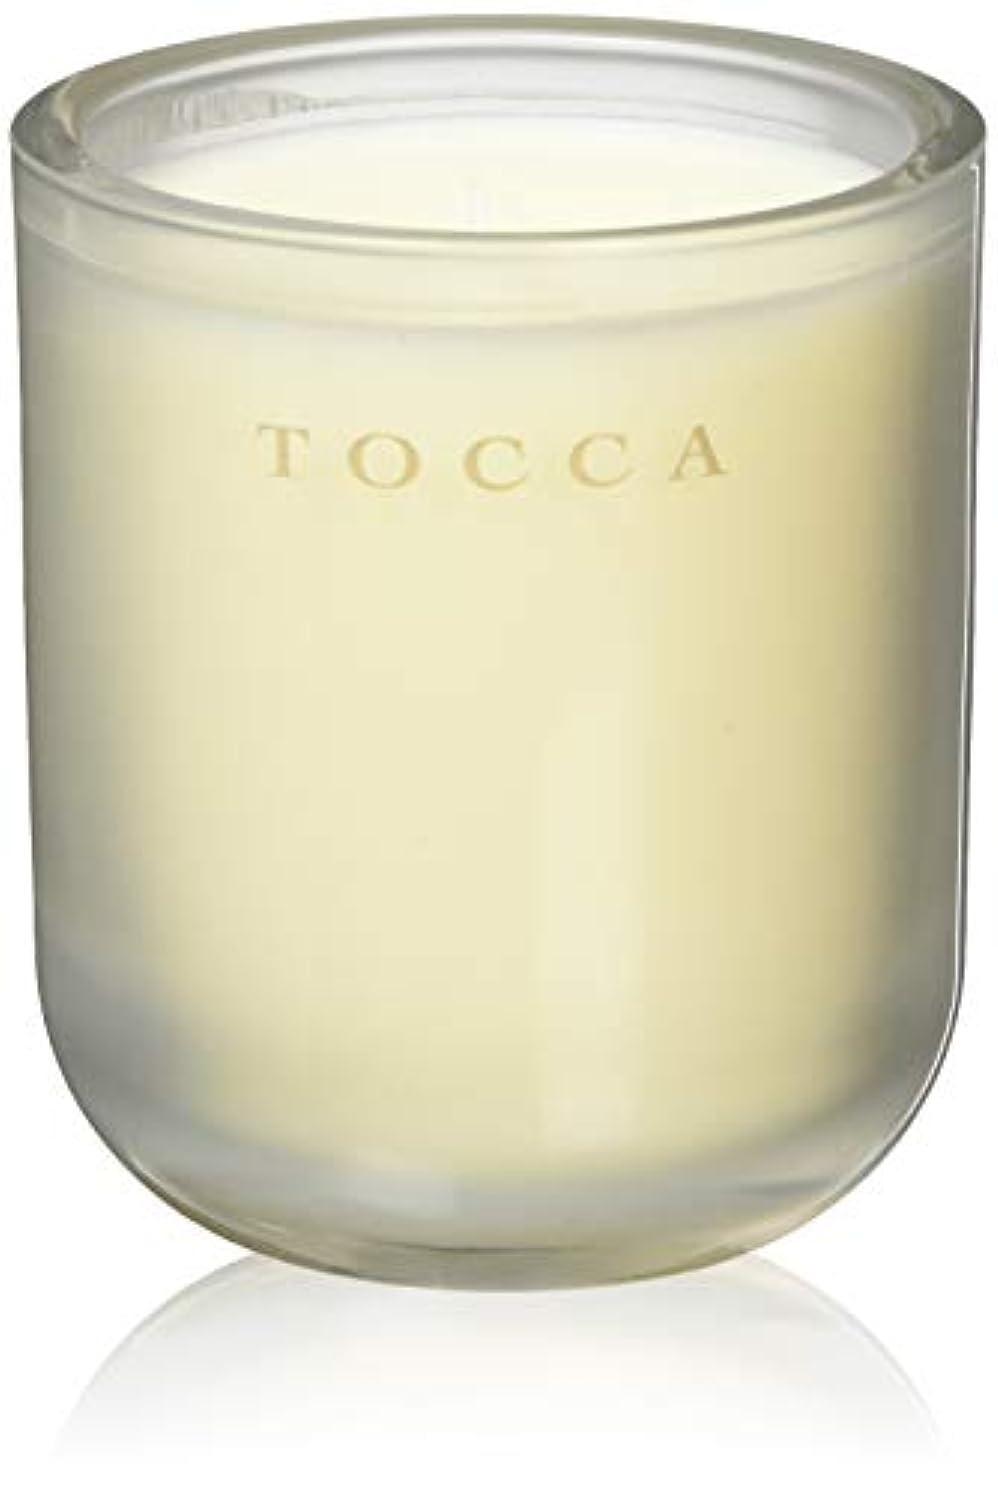 紛争樹木徐々にTOCCA(トッカ) ボヤージュ キャンドル バレンシア 287g (ろうそく 芳香 オレンジとベルガモットのフレッシュシトラスな香り)